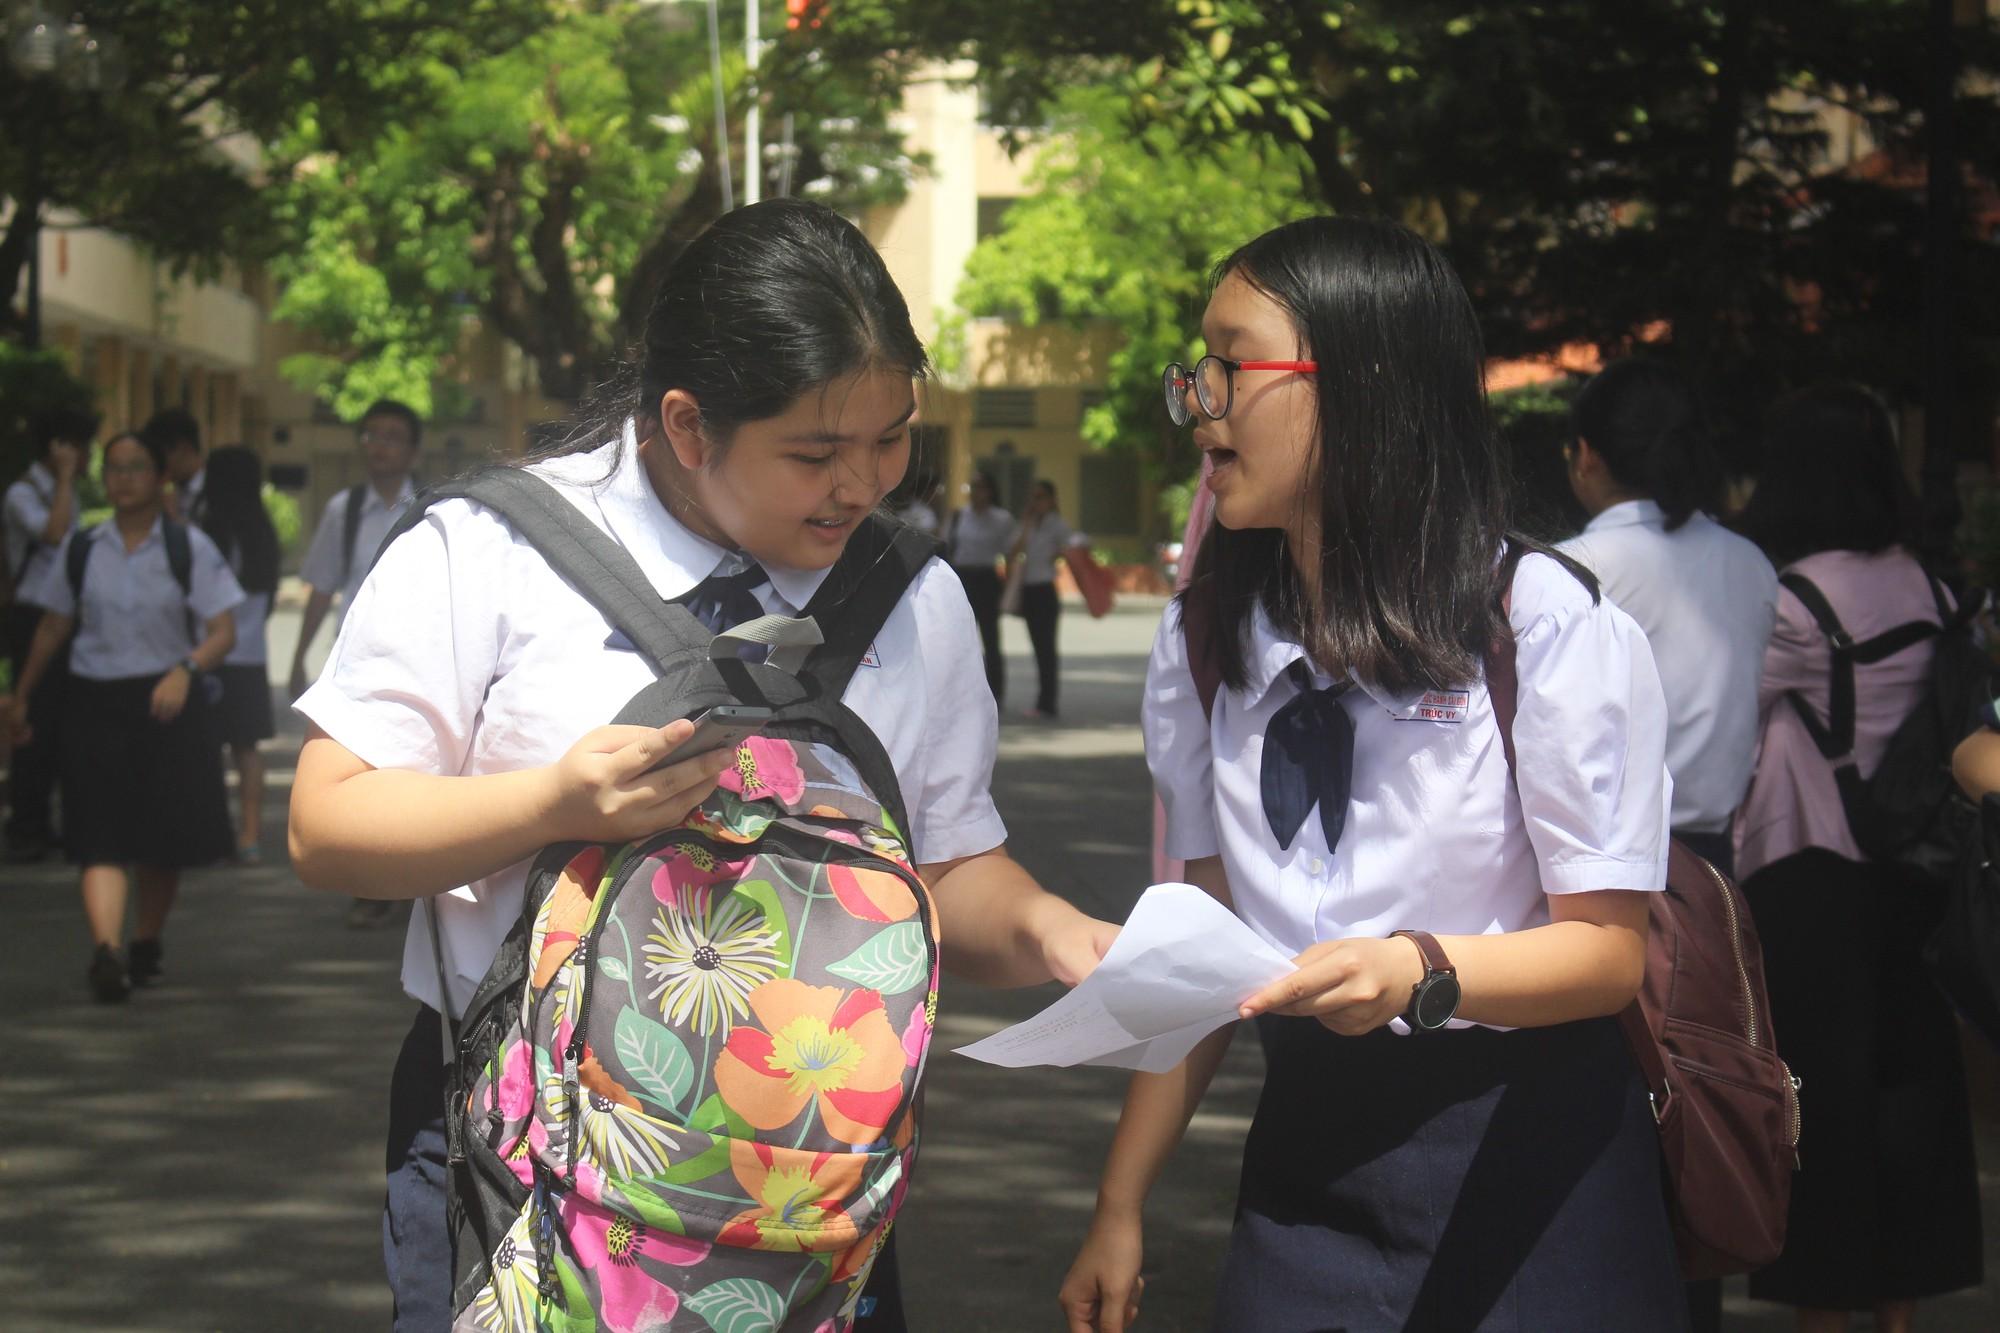 Sự duy trì trình tự dân tộc vào đề thi môn Ngữ văn chuyên vào lớp 10 Trường Phổ thông Năng khiếu - Ảnh 2.